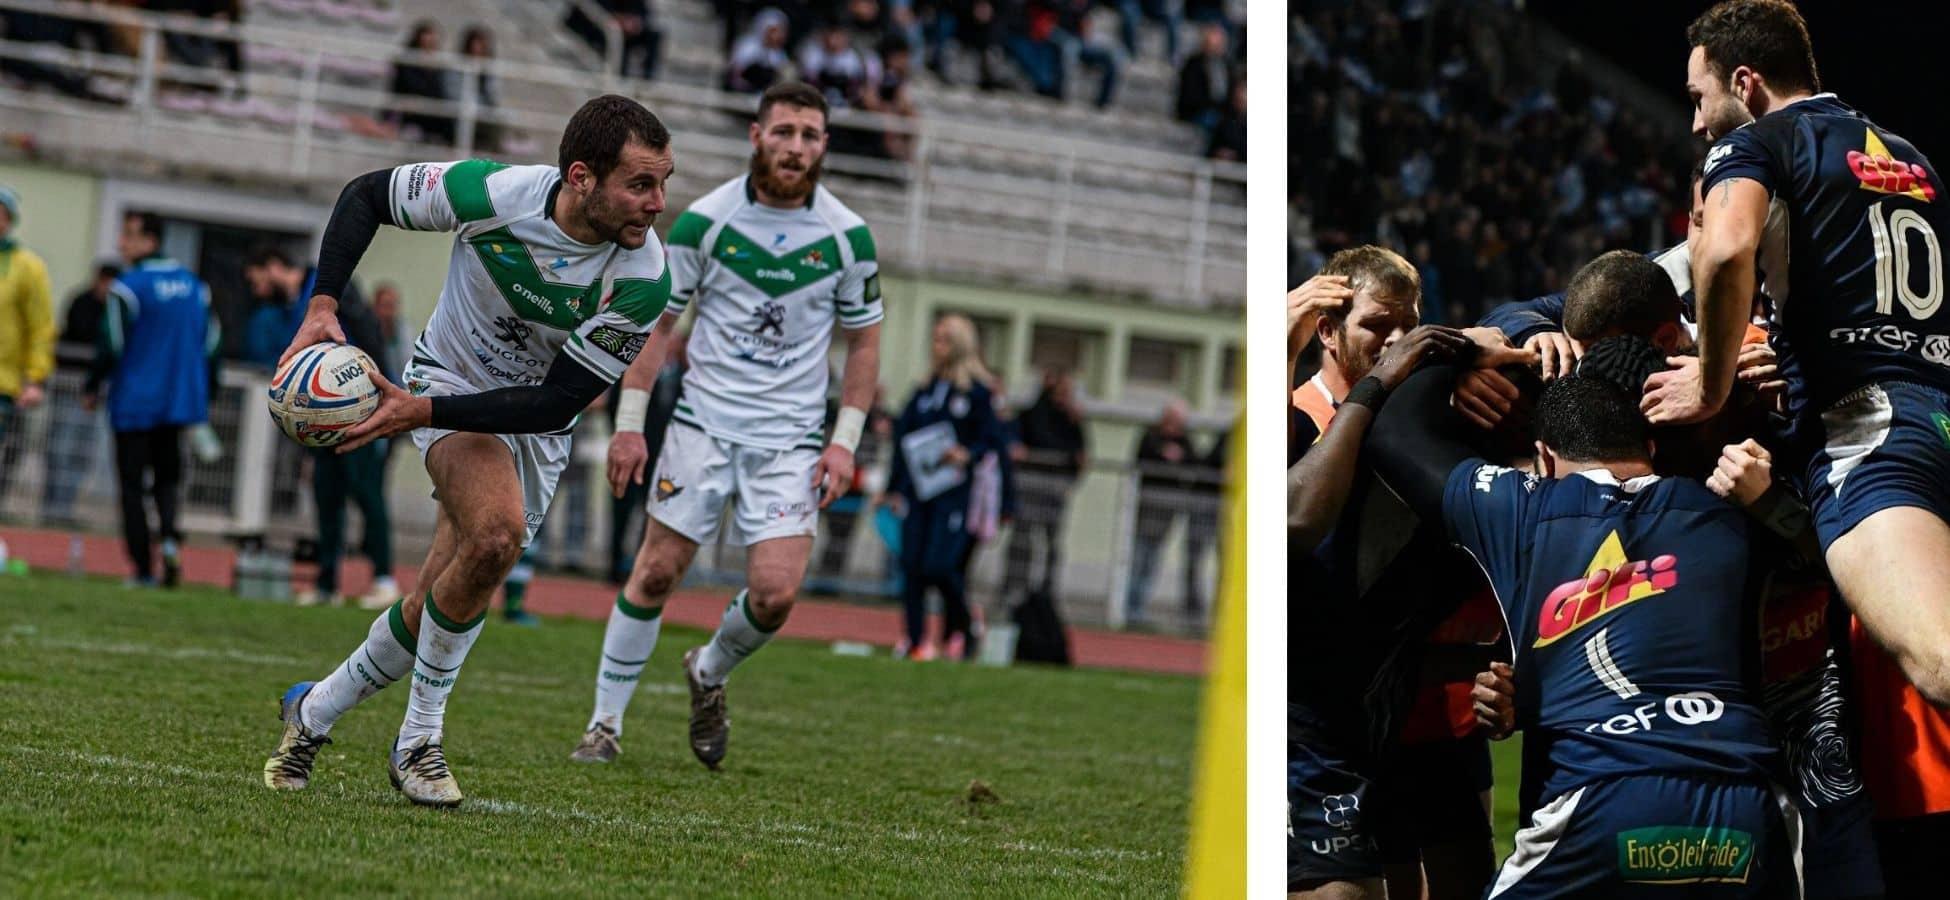 A gauche : club de rugby de Villeneuve-sur-Lot   A droite : le SUA d'Agen